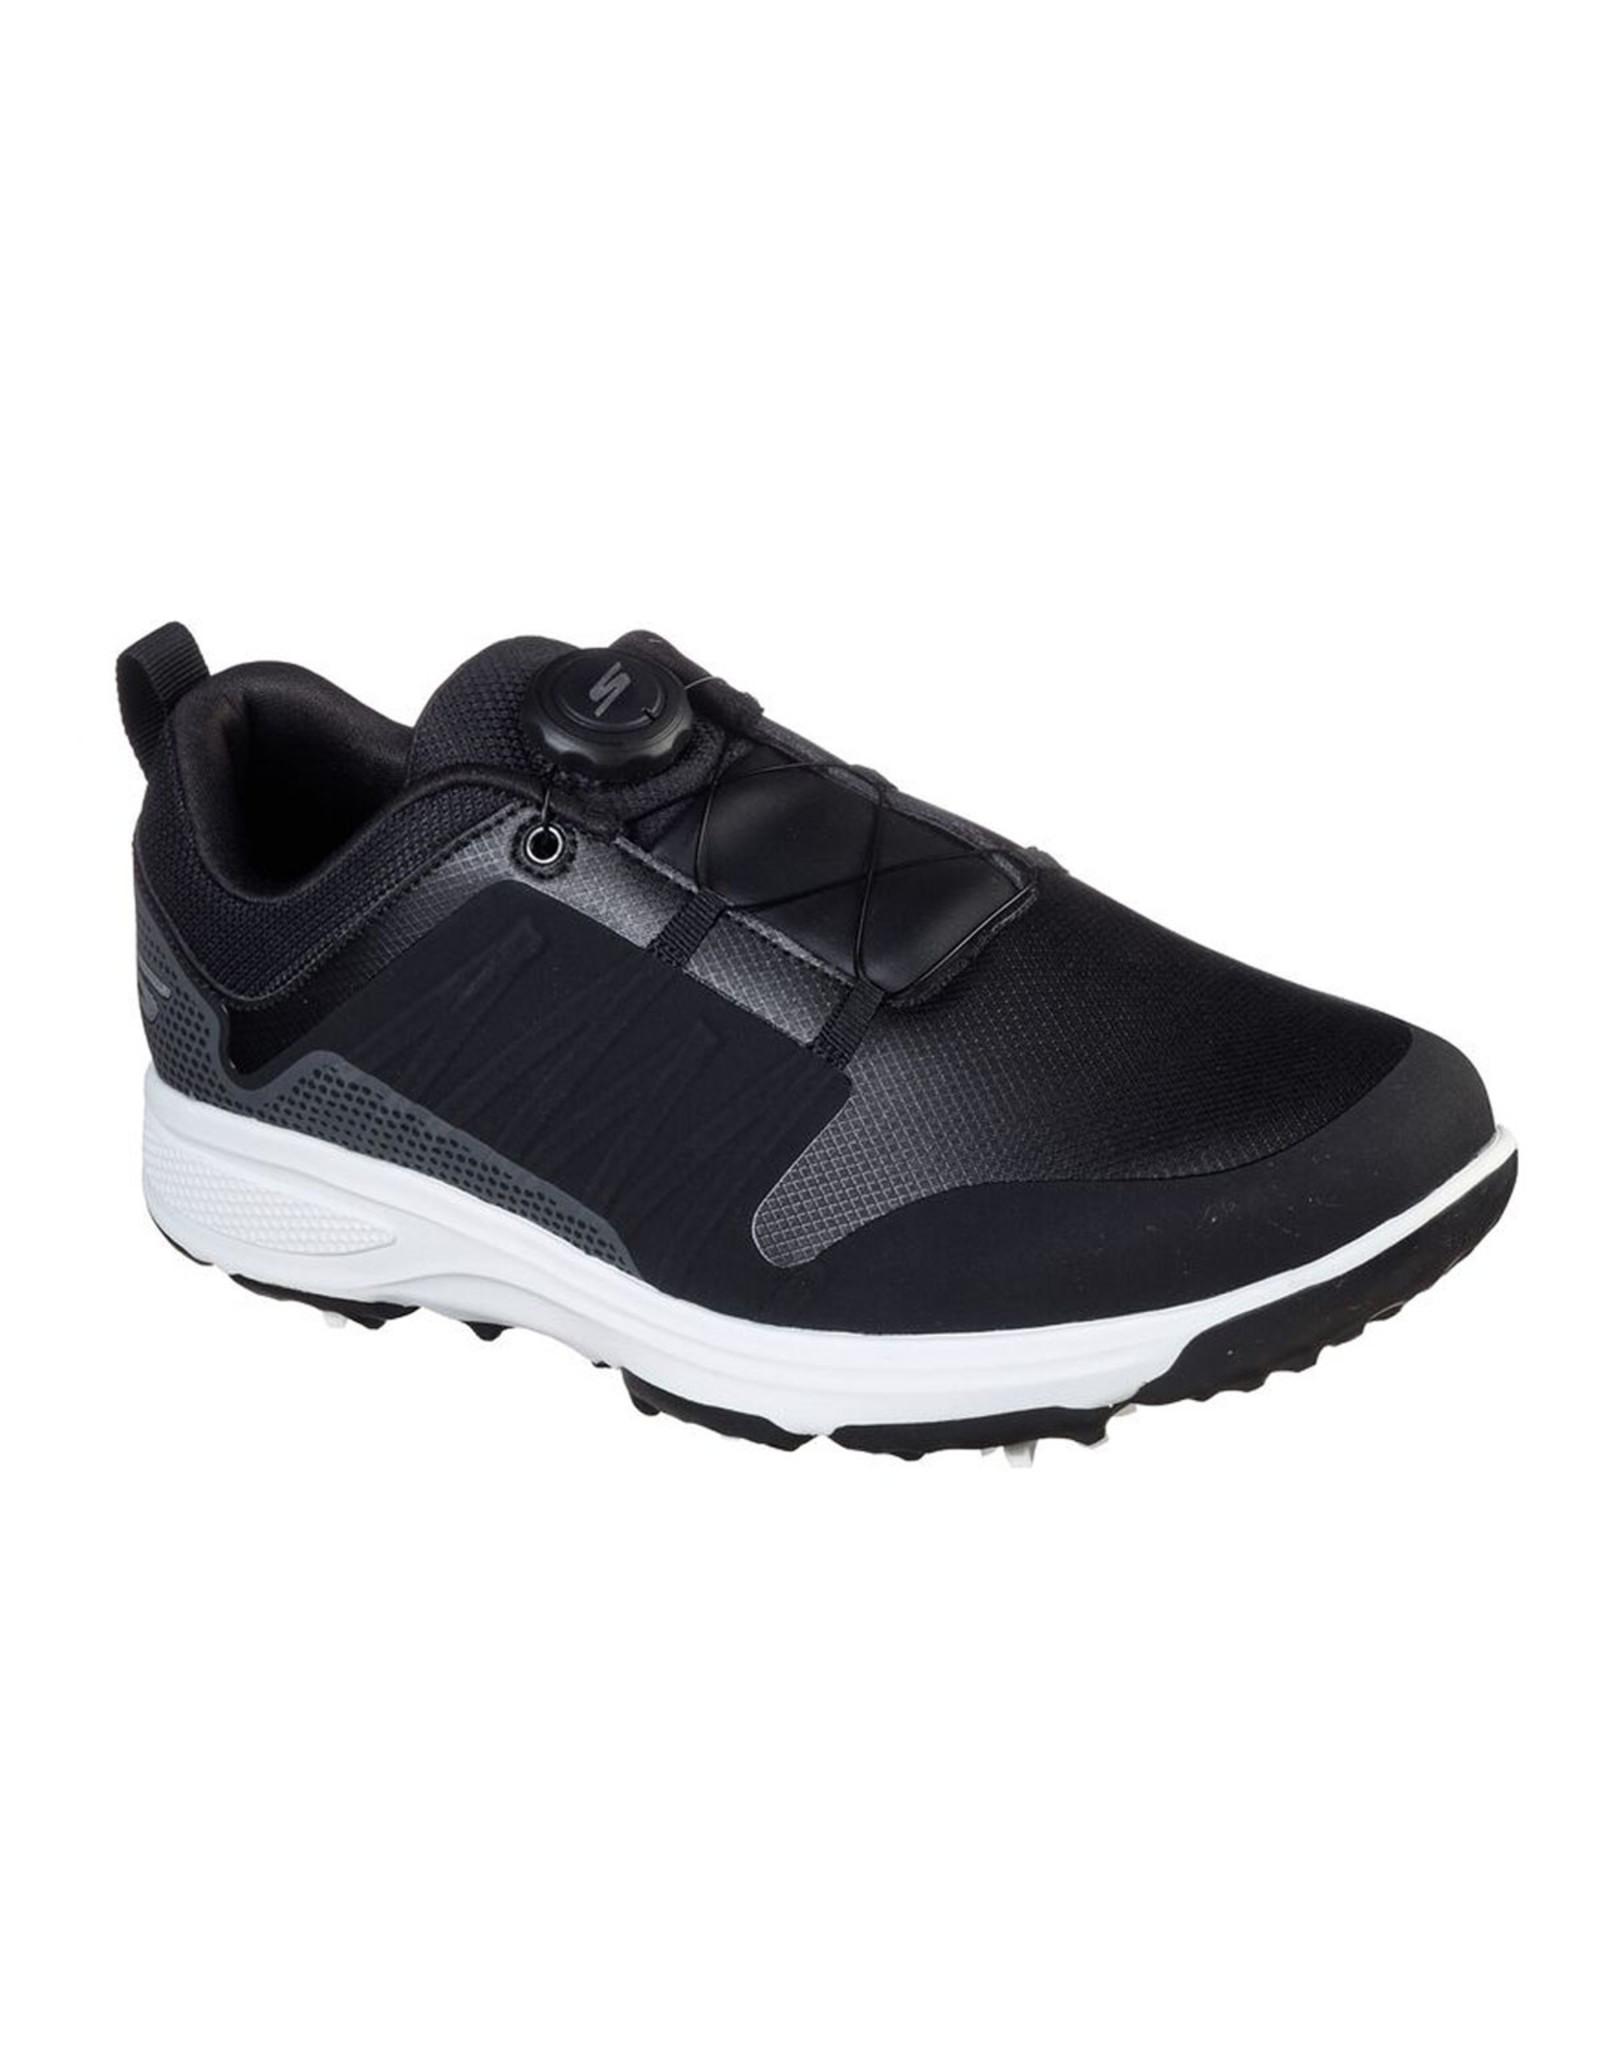 Skechers Skechers Torque Twist Men's Shoes